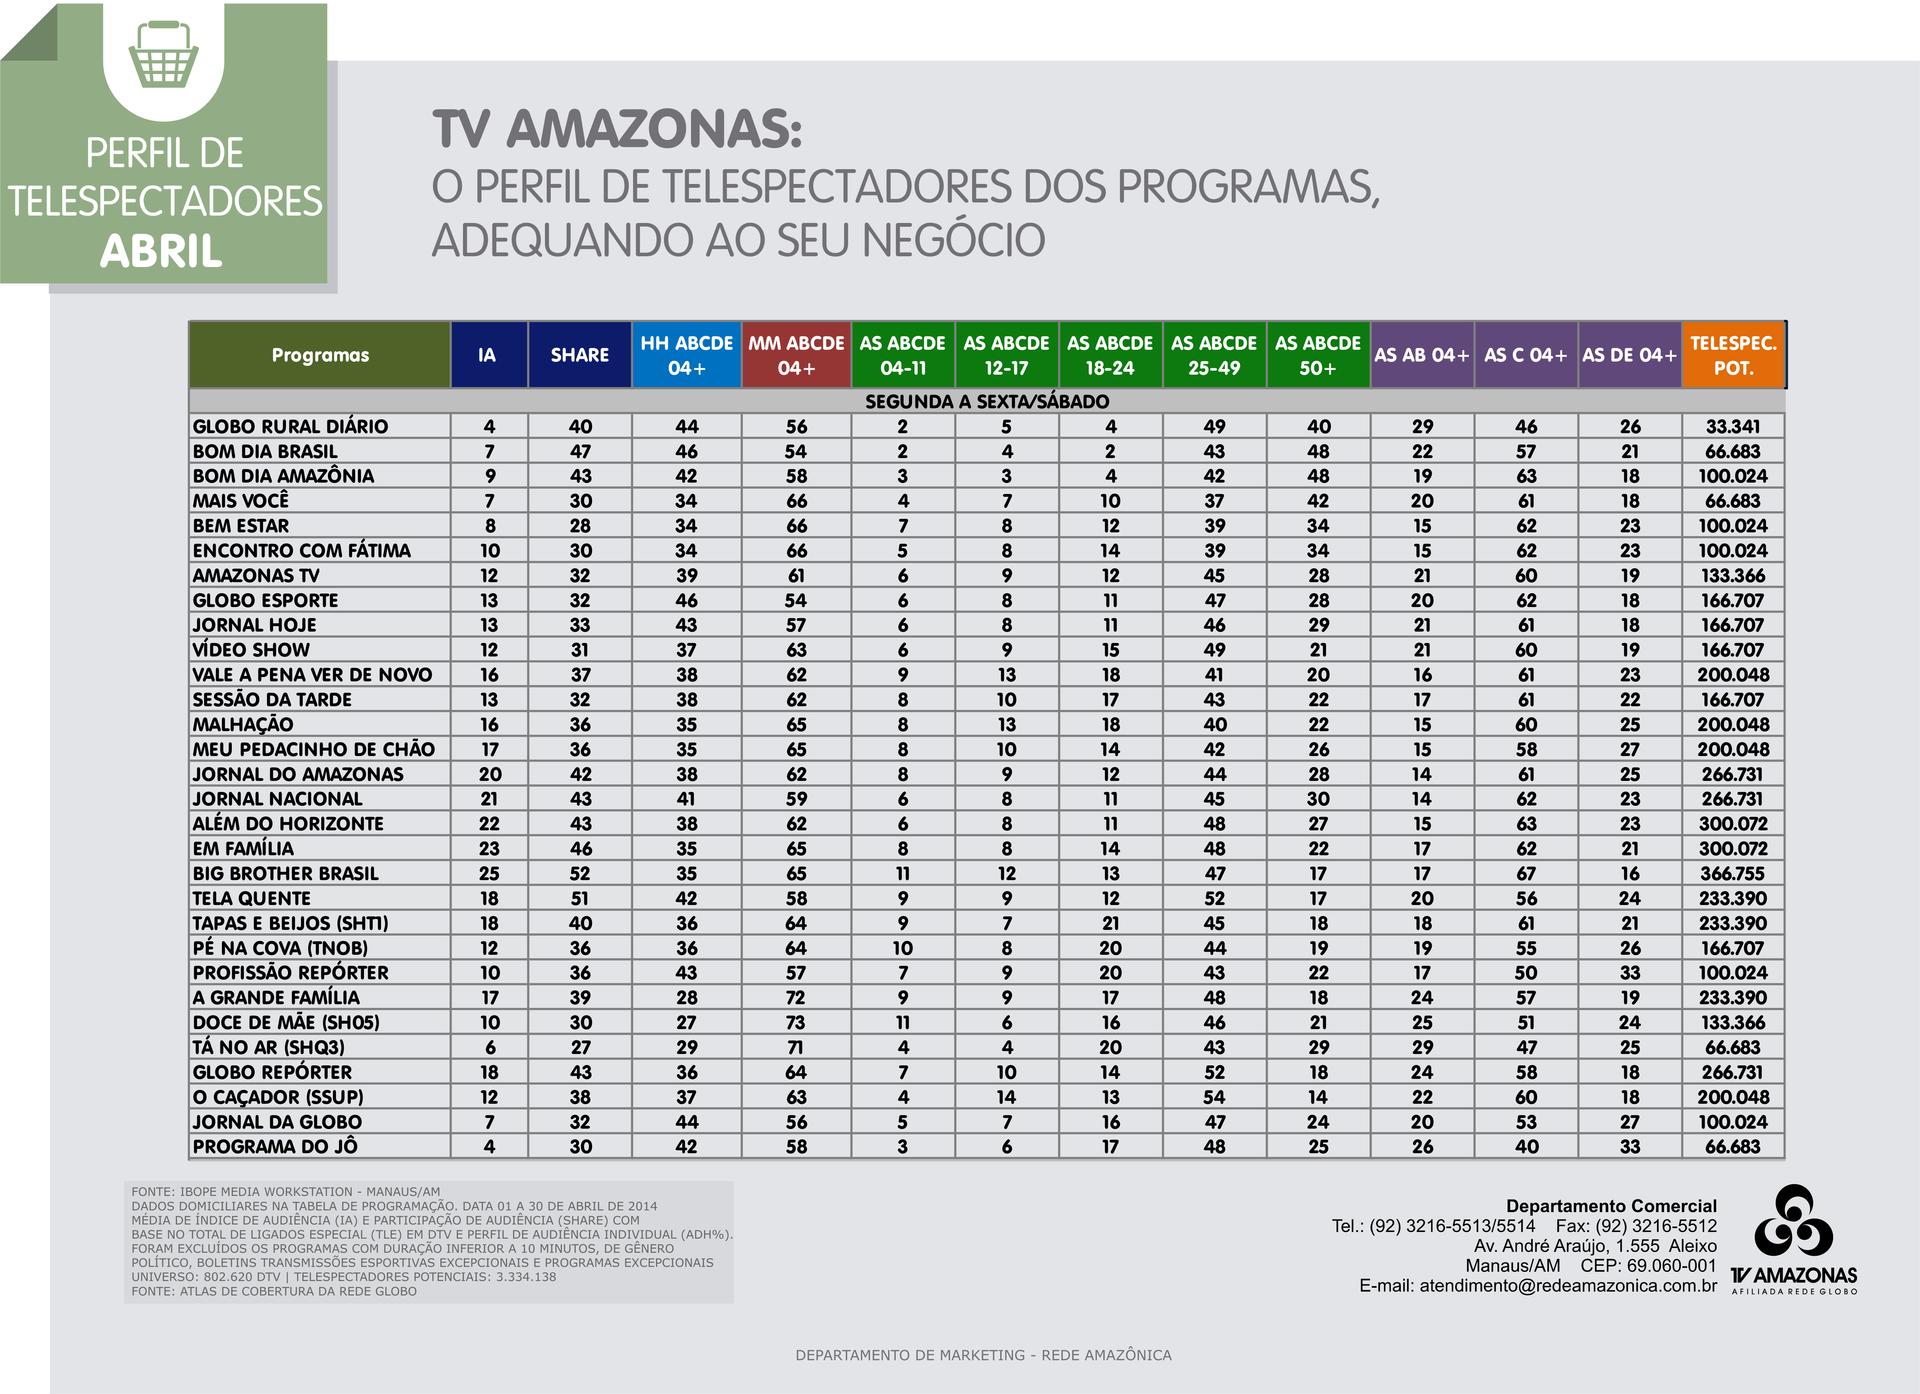 Confira o perfil de telespectadores da TV Amazonas em abril/ 2014  (Foto: TV Amazonas)